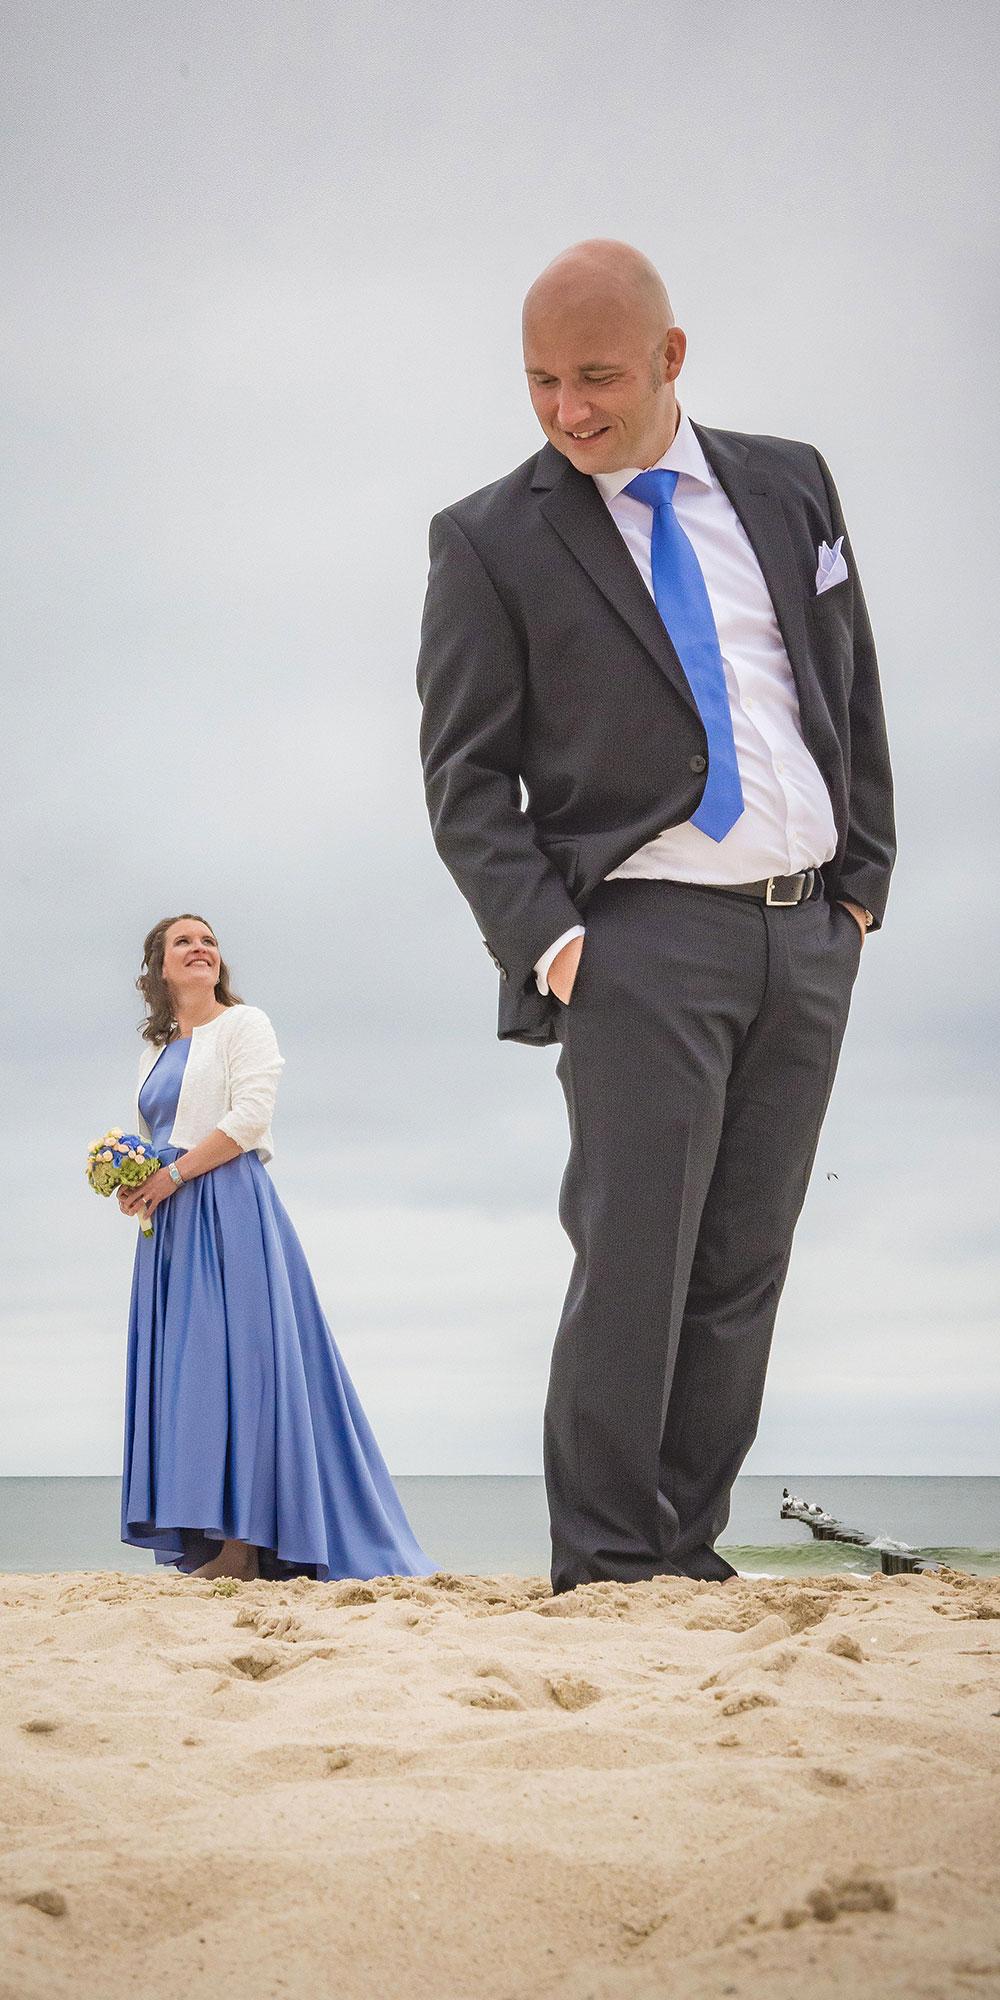 Hochzeitsfoto Geschrumpft kleine Braut